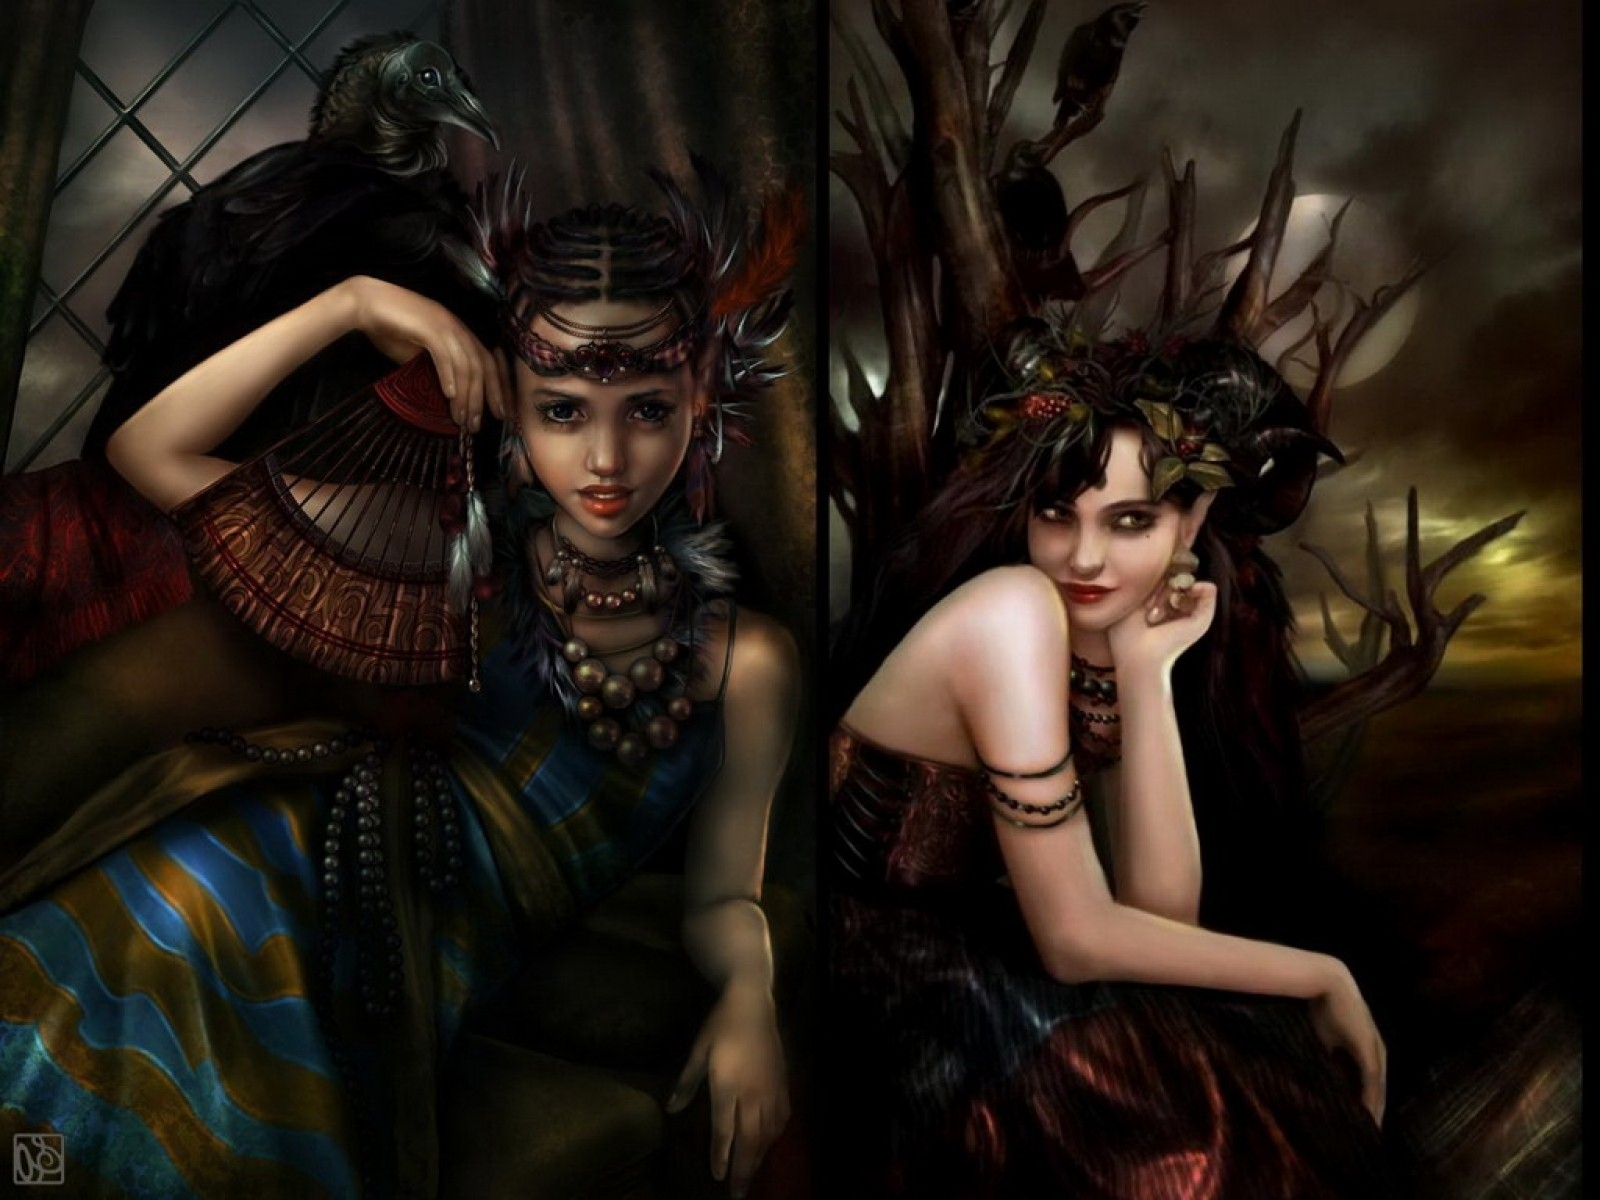 Фото две девочки с красивыми 8 фотография